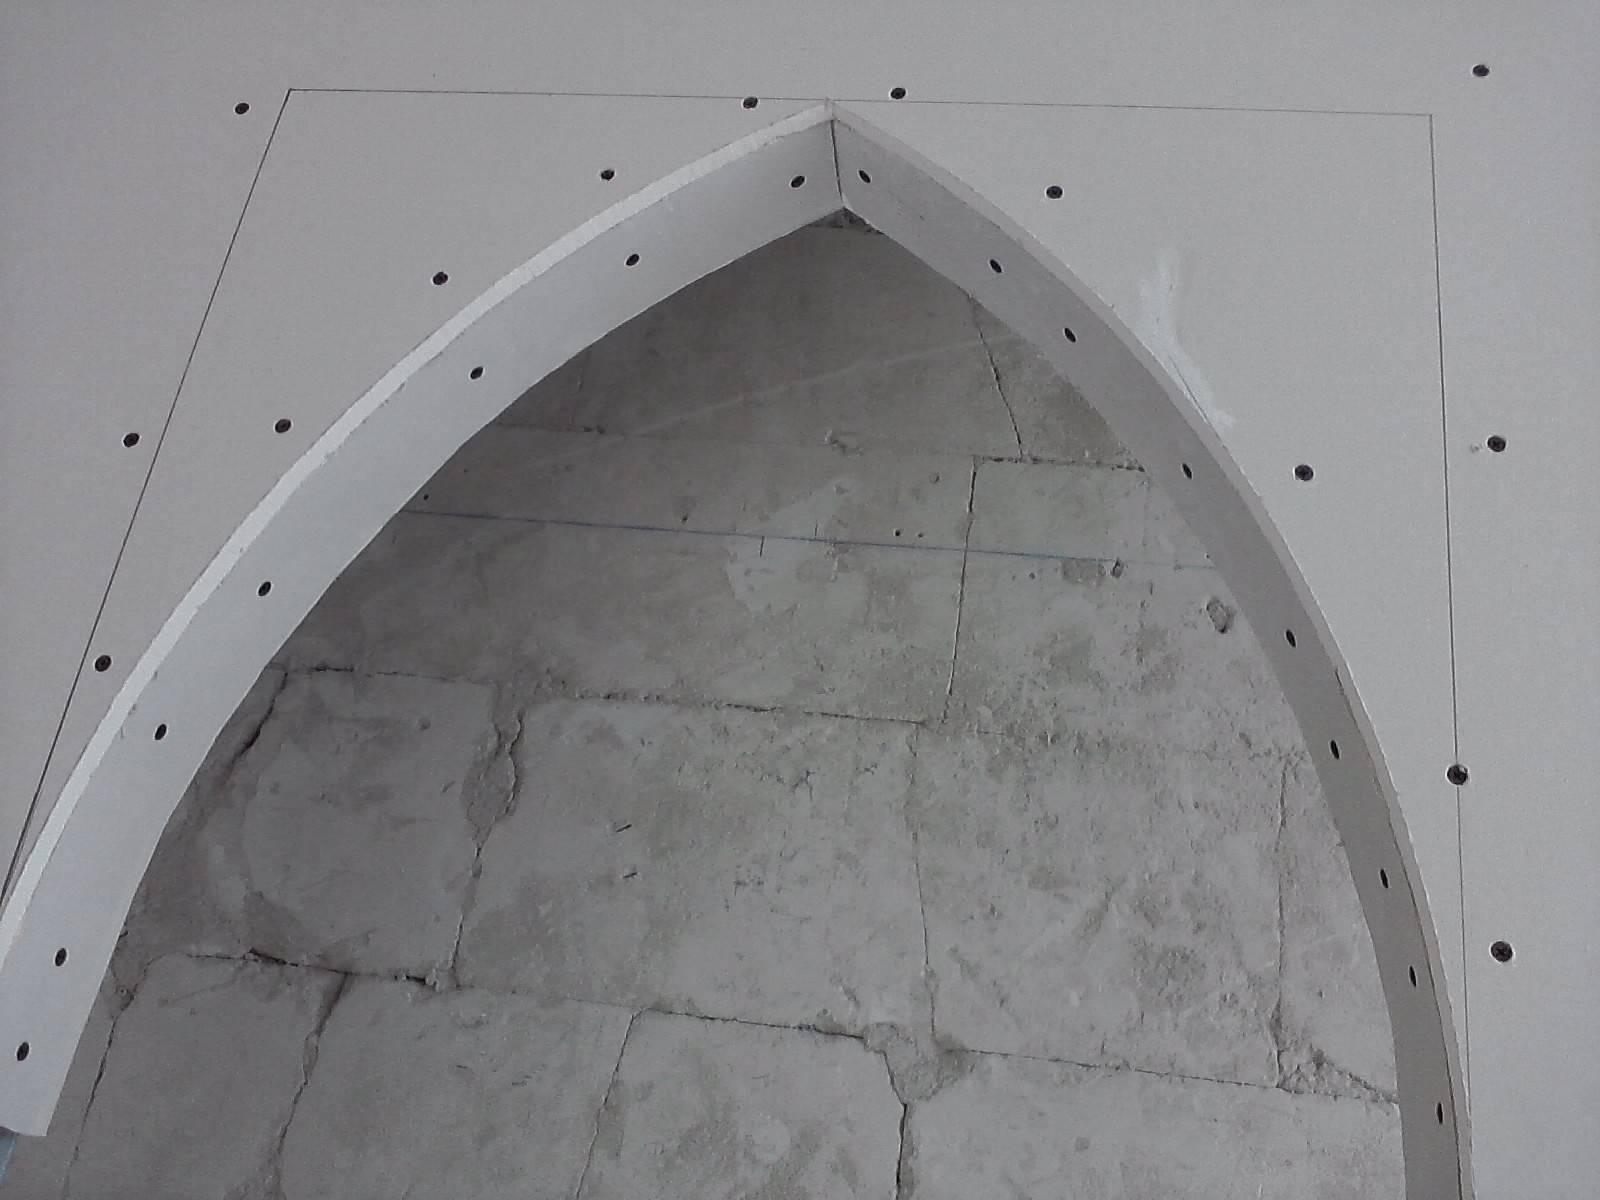 Арки из гипсокартона своими руками – пошаговая инструкция по изготовлению конструкций любого типа